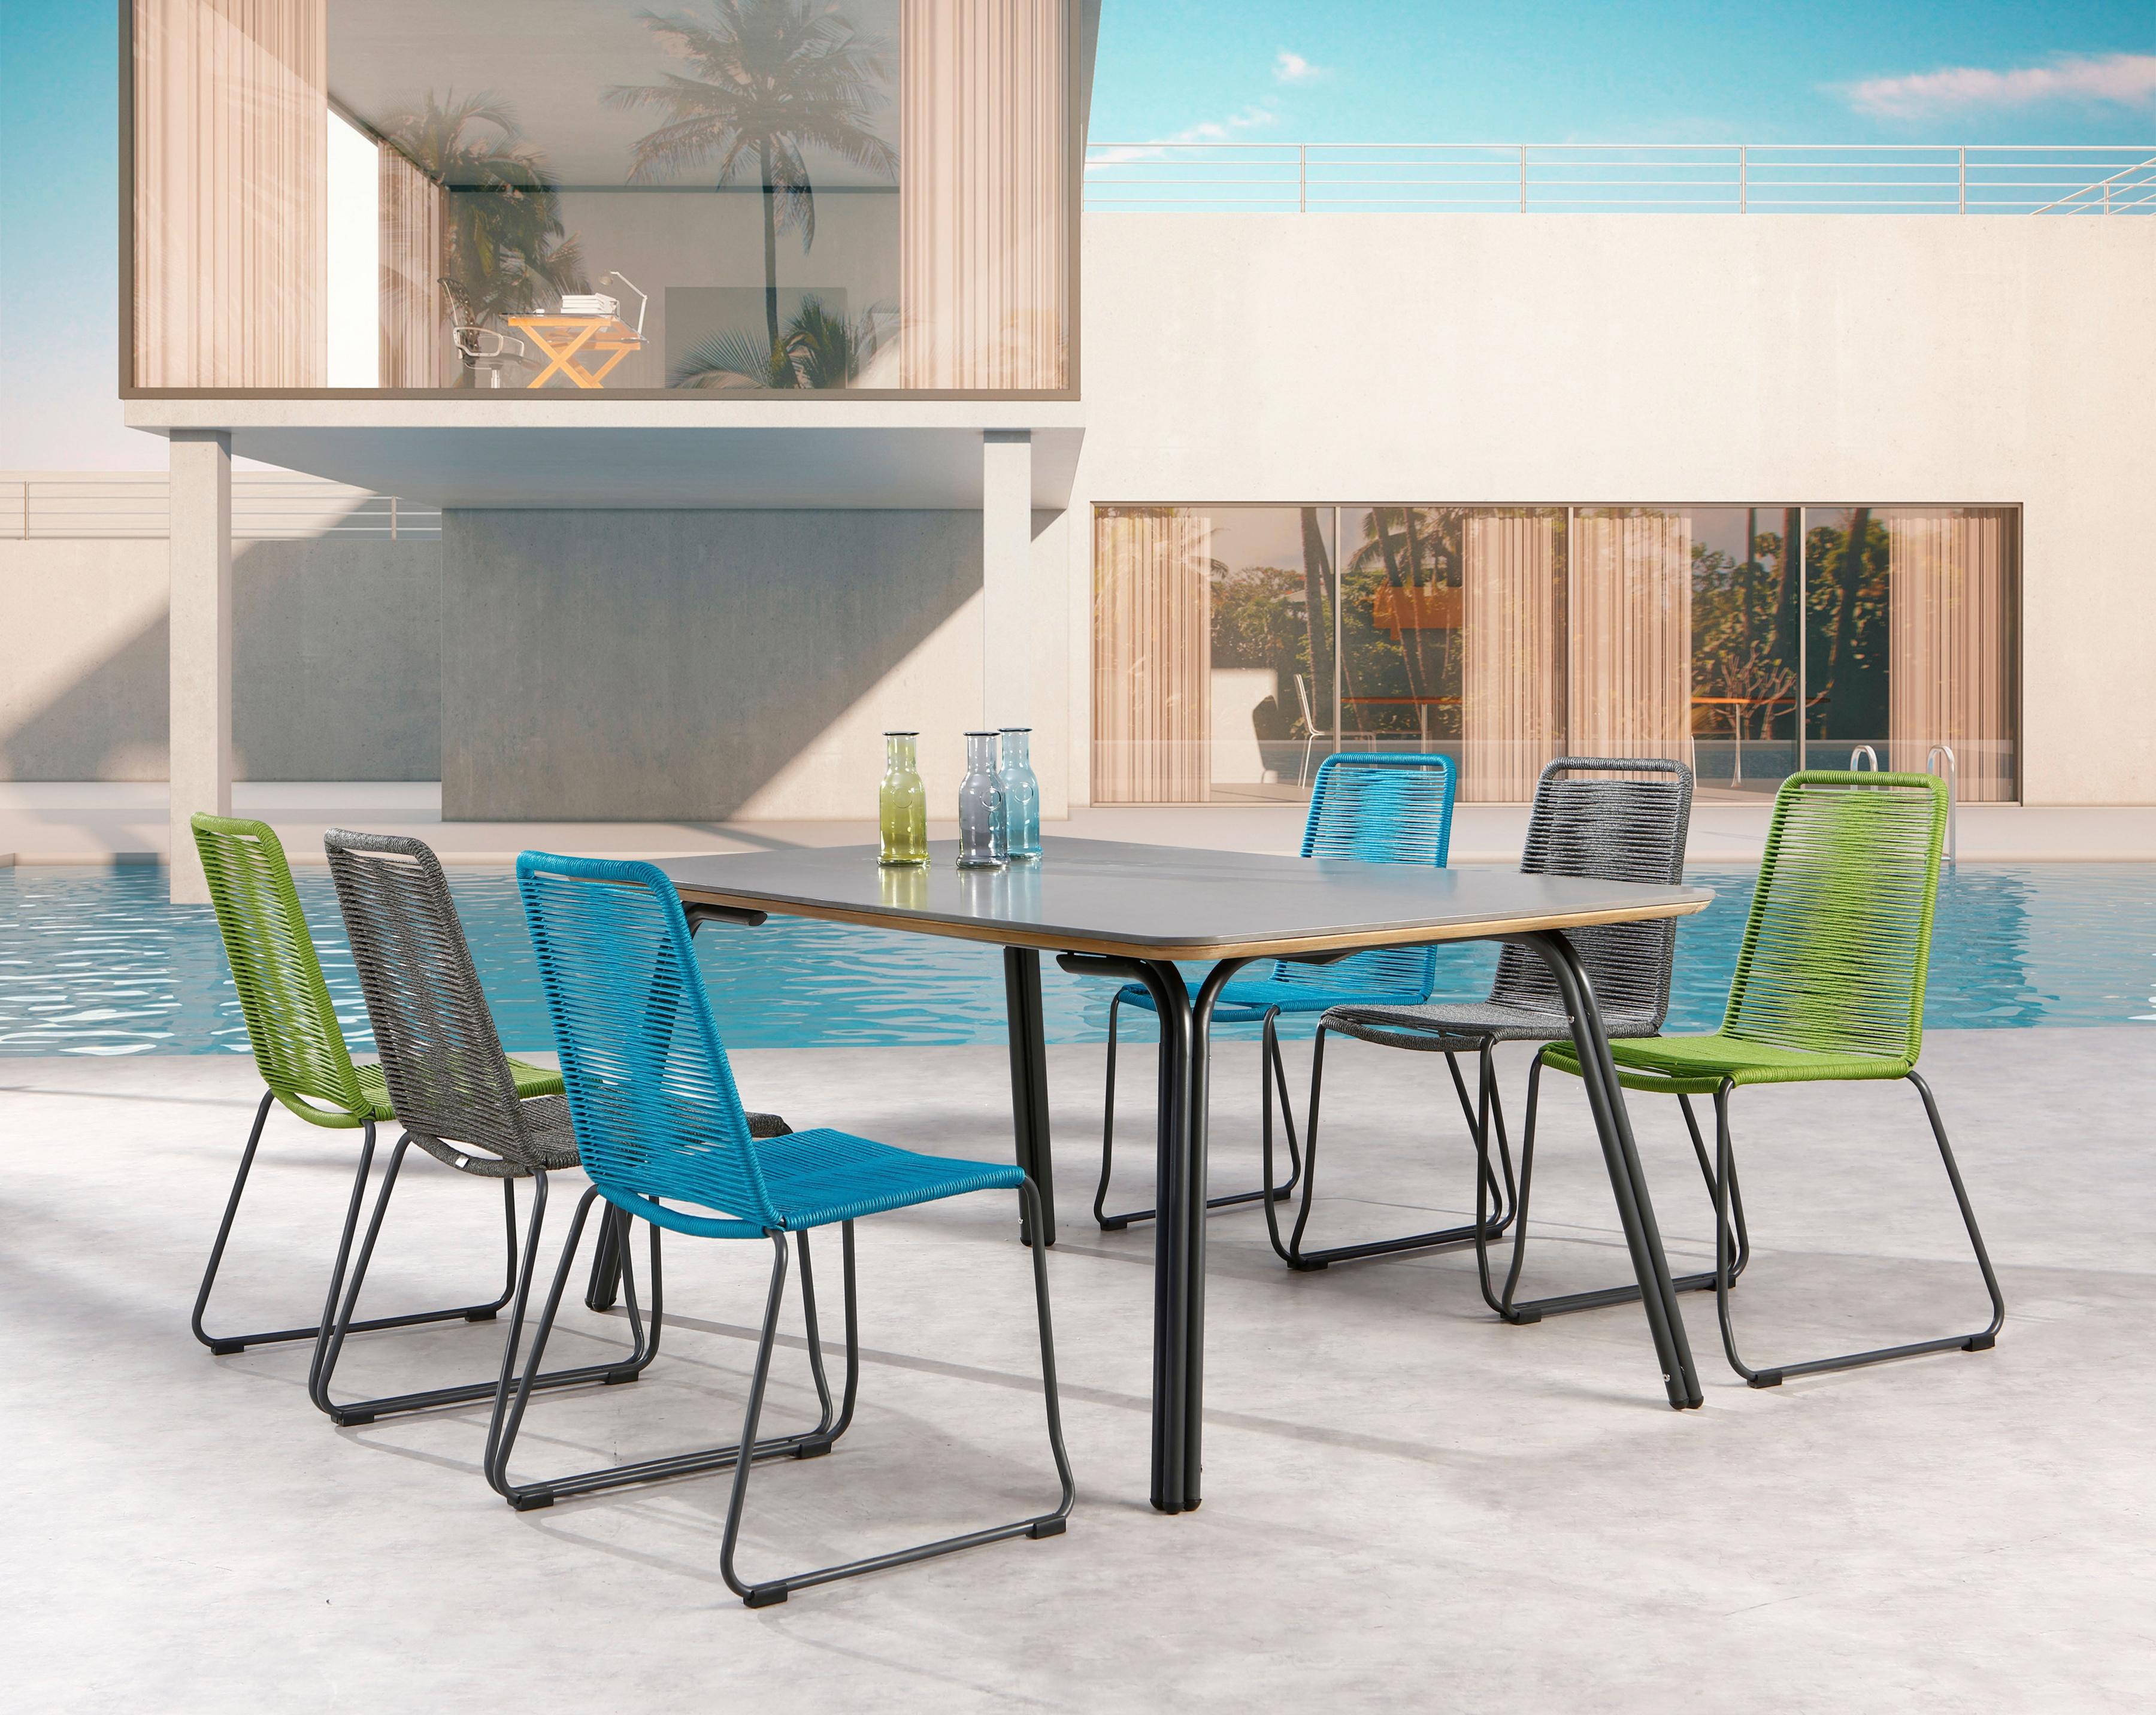 BEST Gartenmöbelset Symi 7-tlg 6 Sessel Tisch 180x100 cm